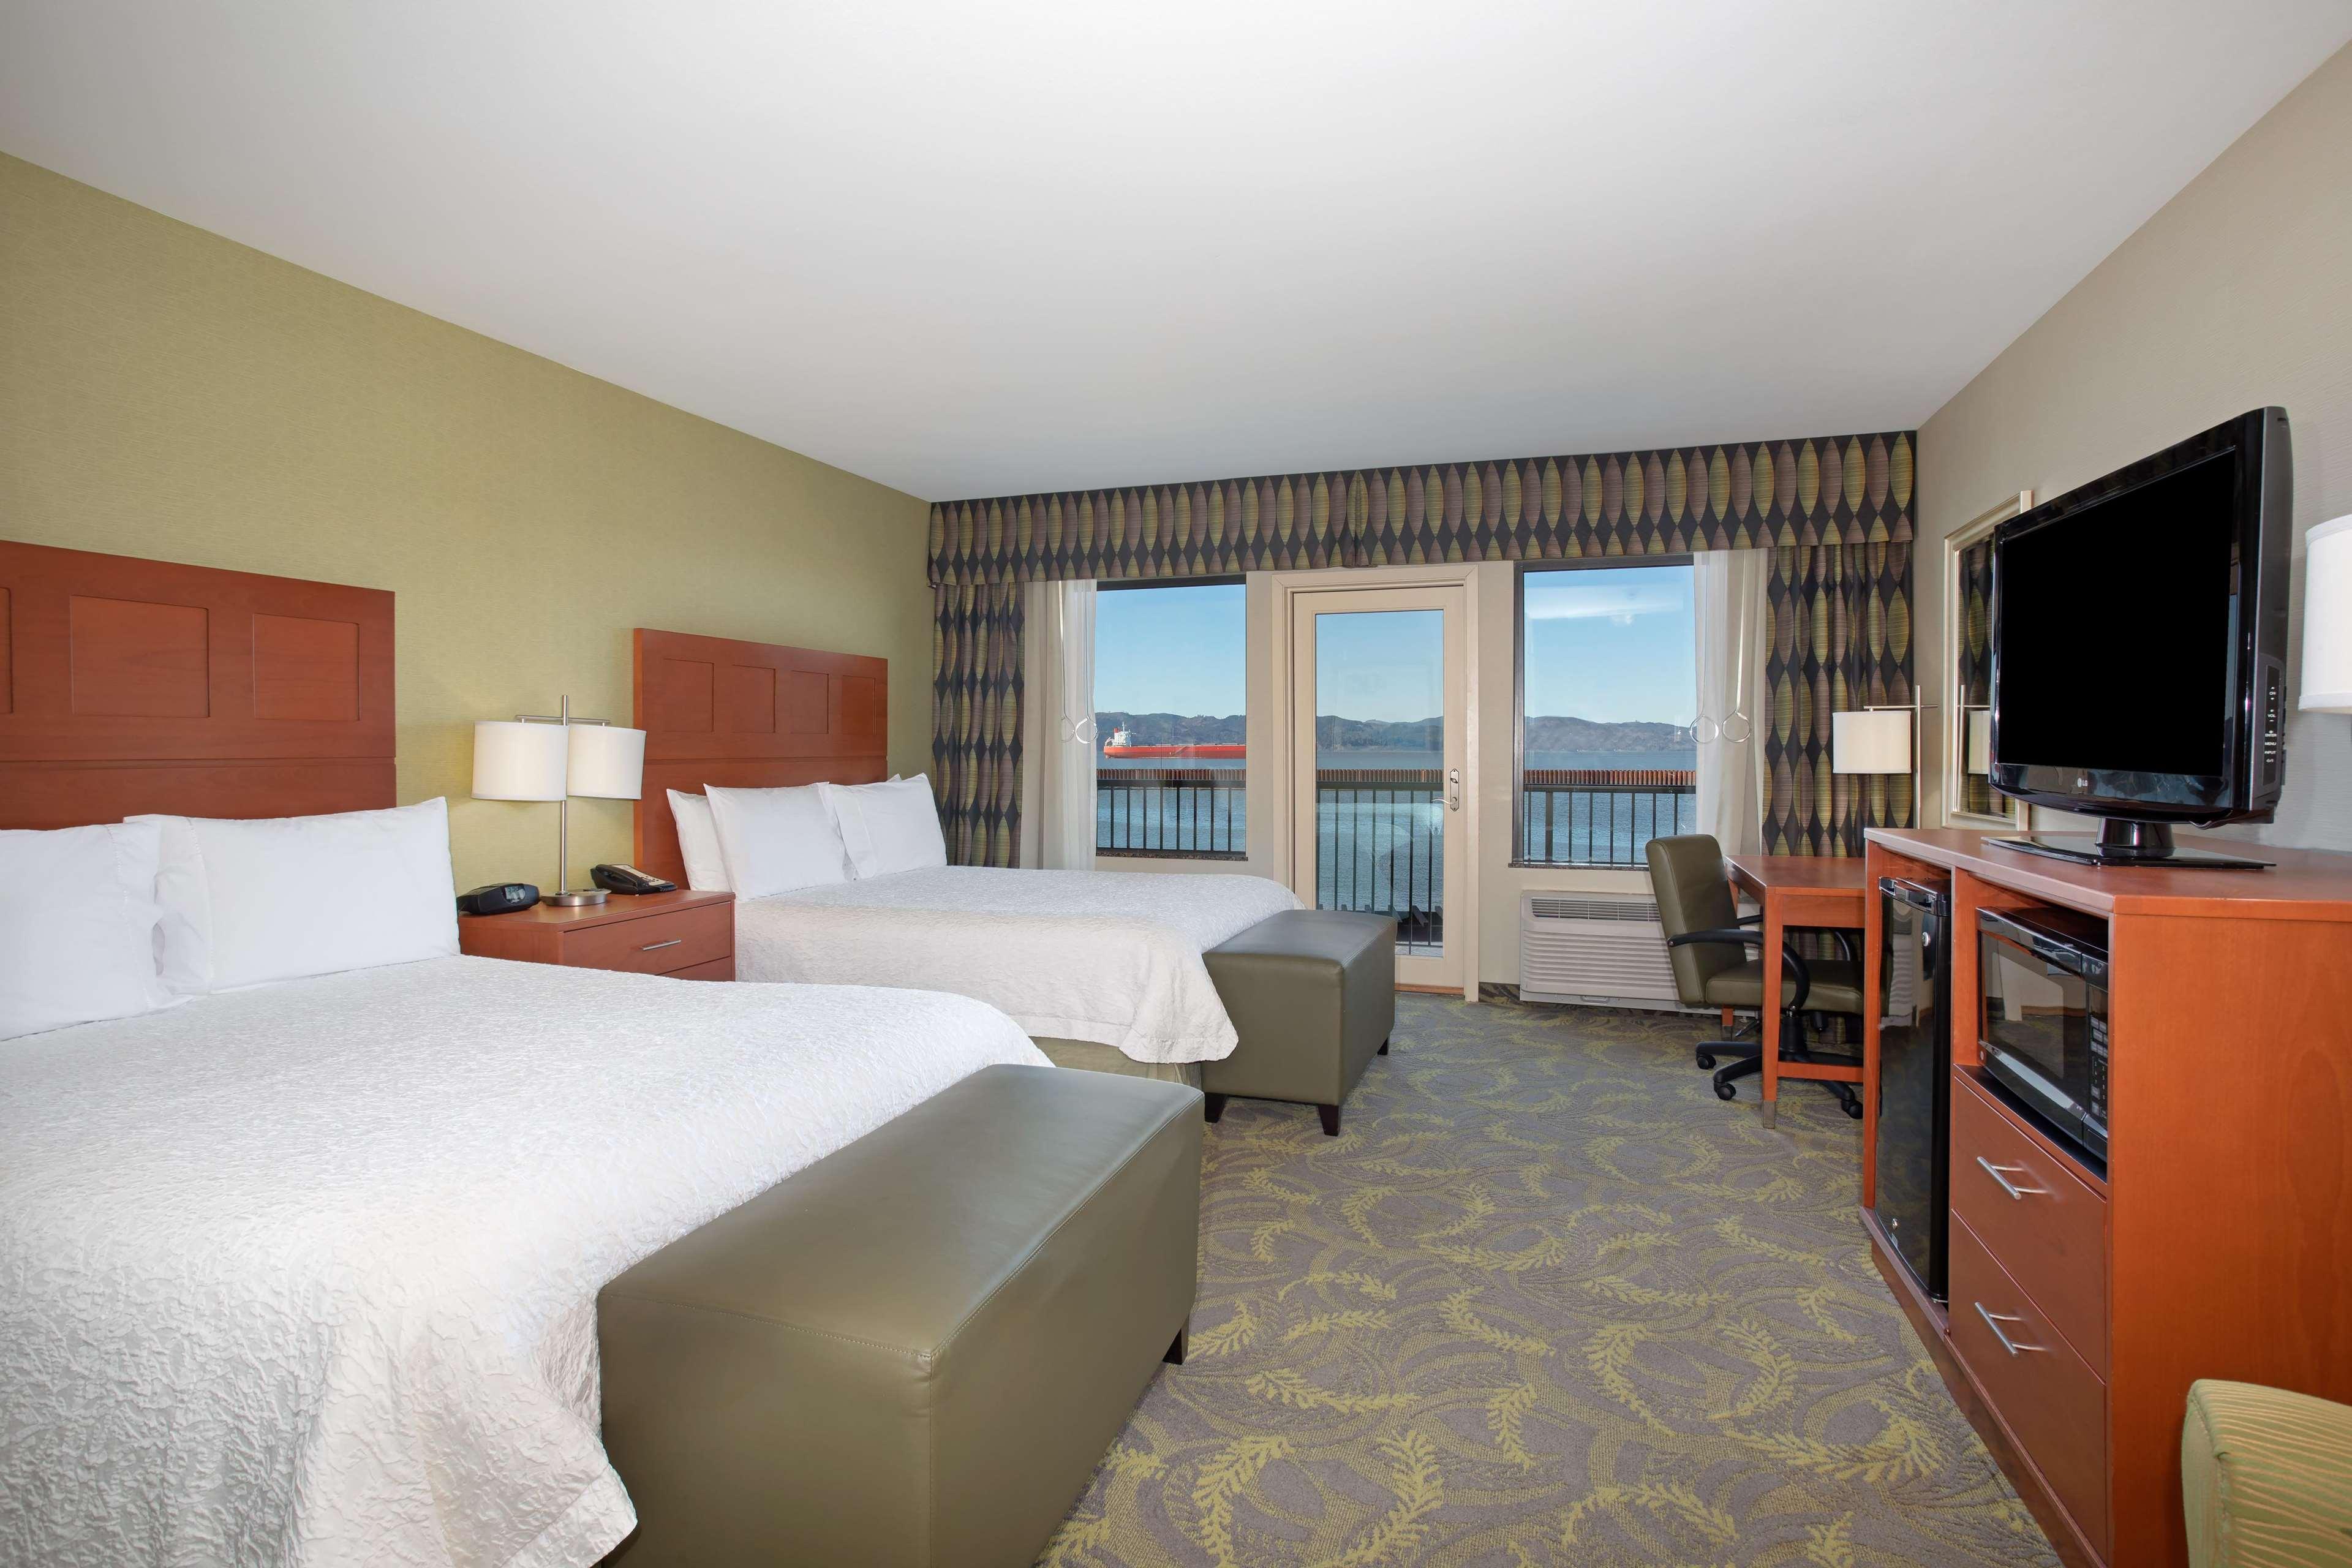 Hampton Inn & Suites Astoria image 71